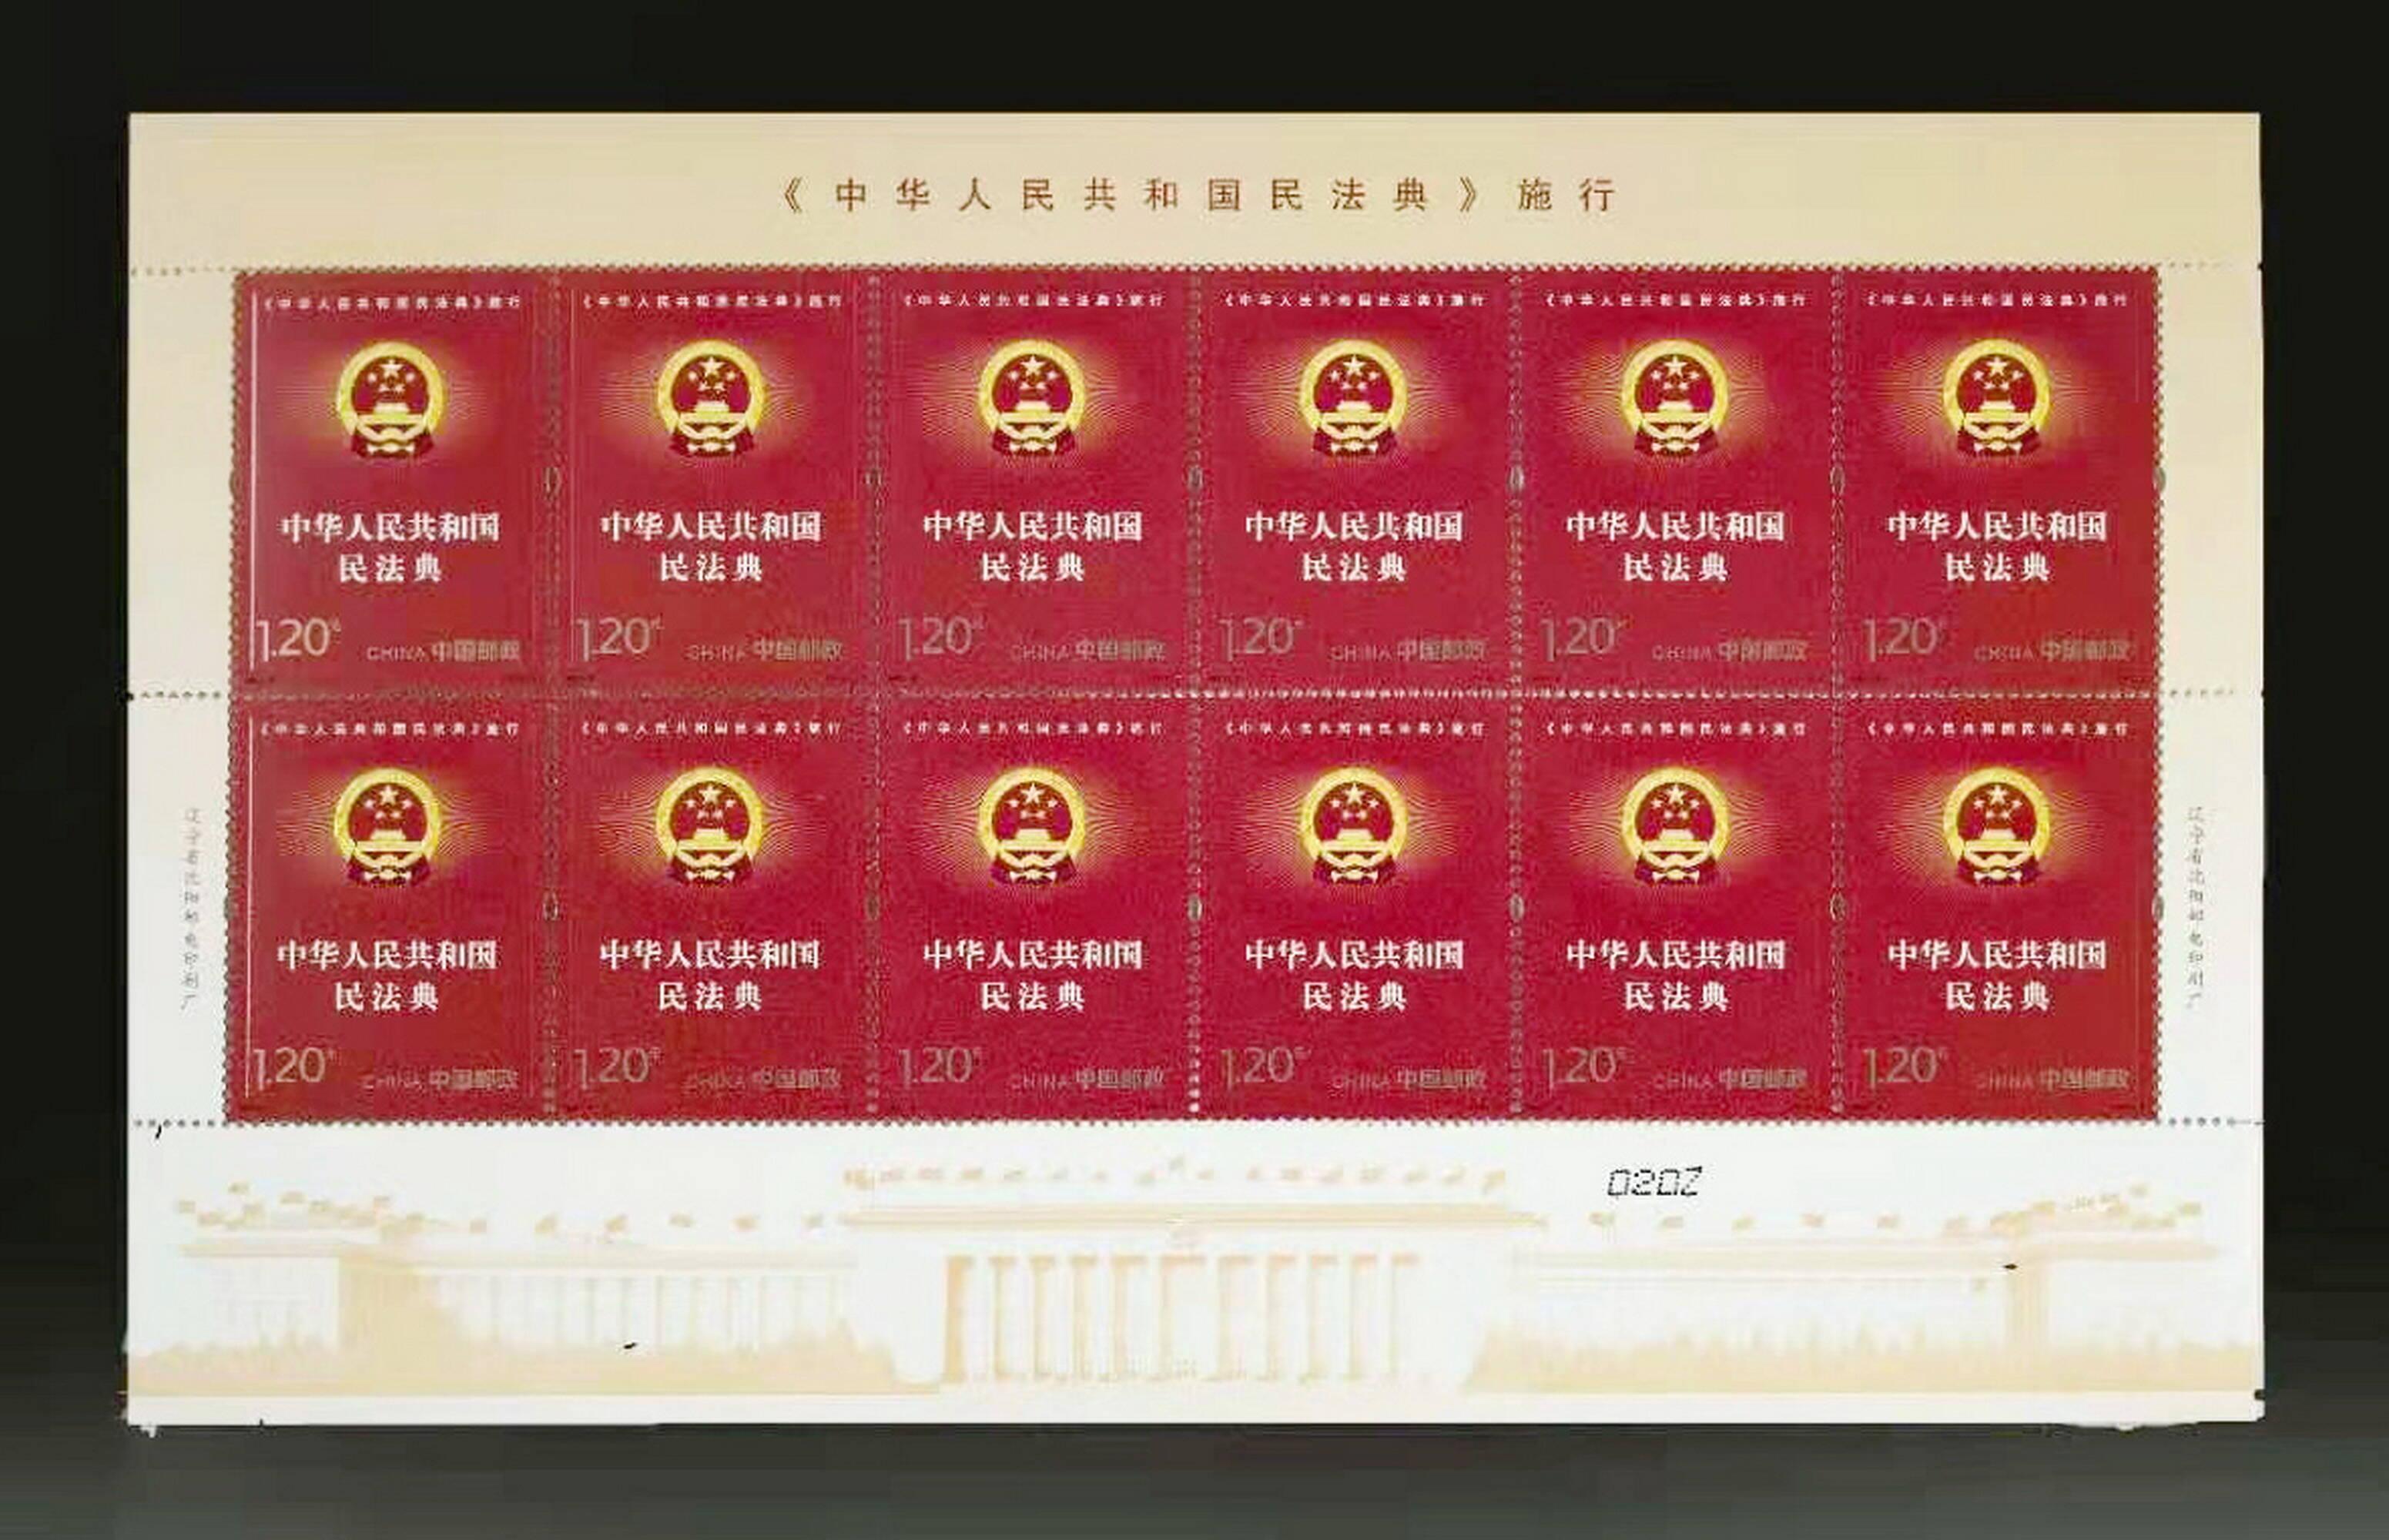 《〈中华人民共和国民法典〉施行》纪念邮票发行 济南、临沂等地同步推出纪念邮戳